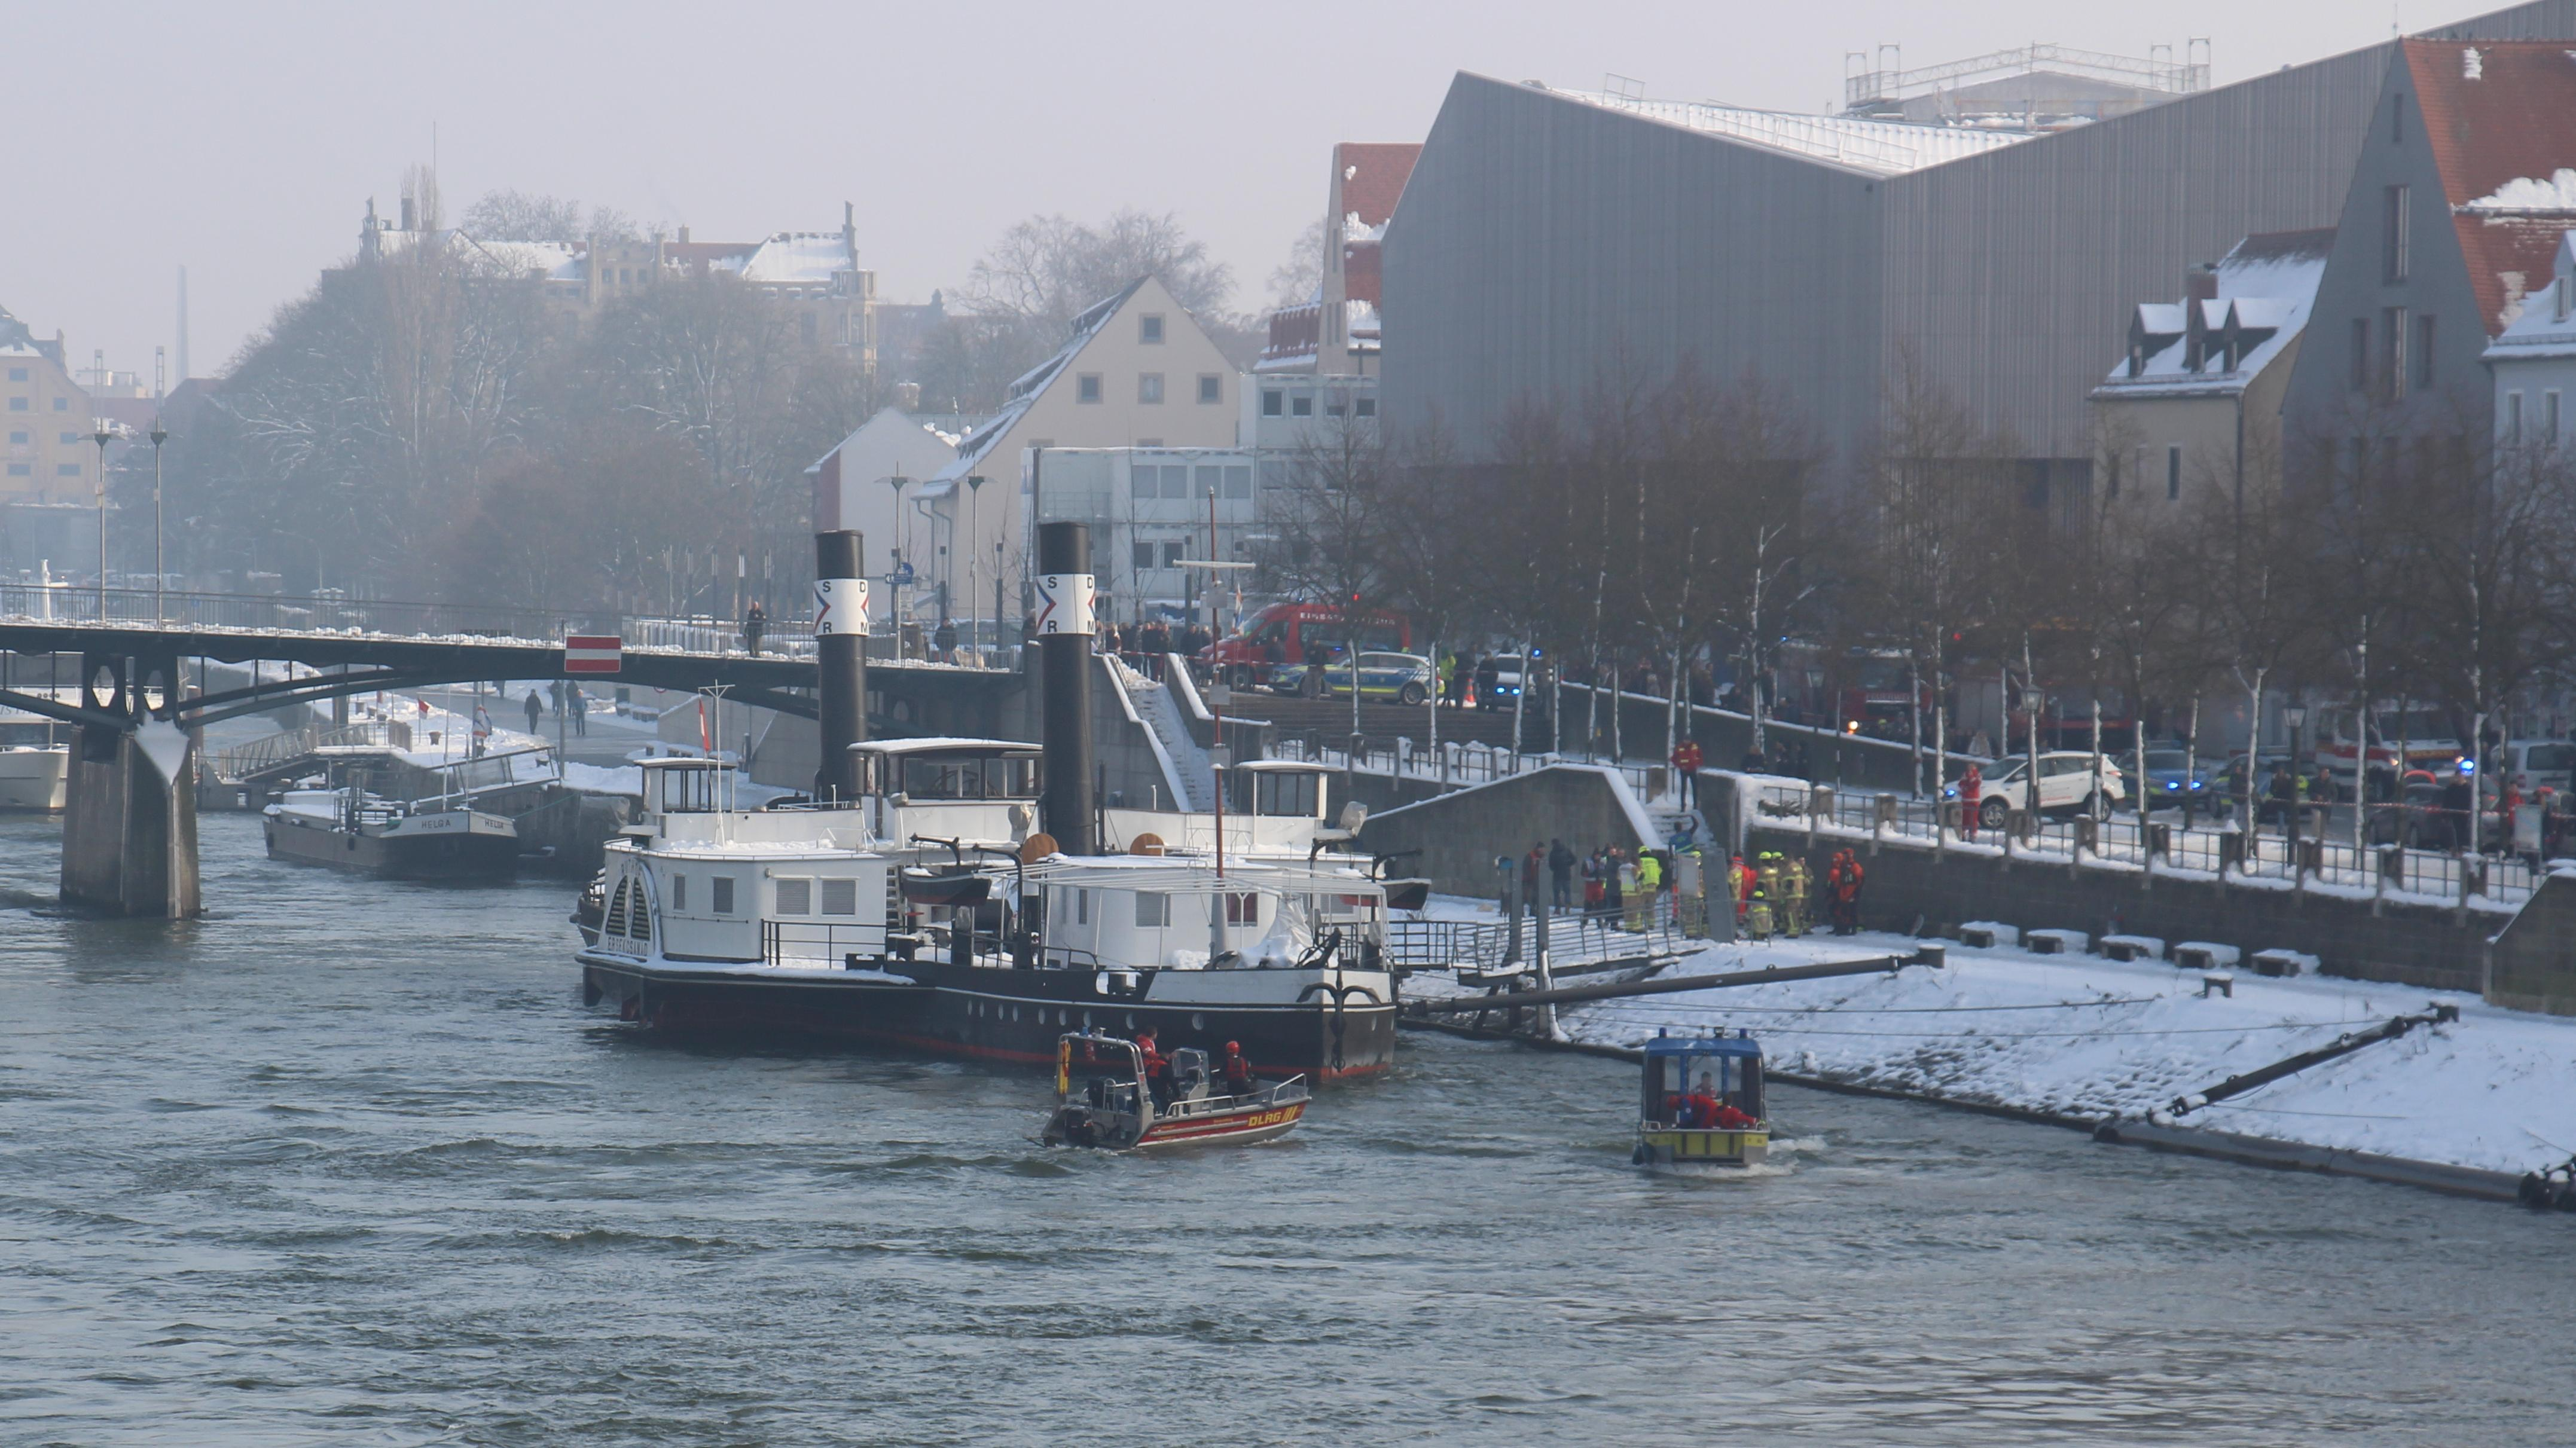 Einsatz von Rettungskräften am Donauufer